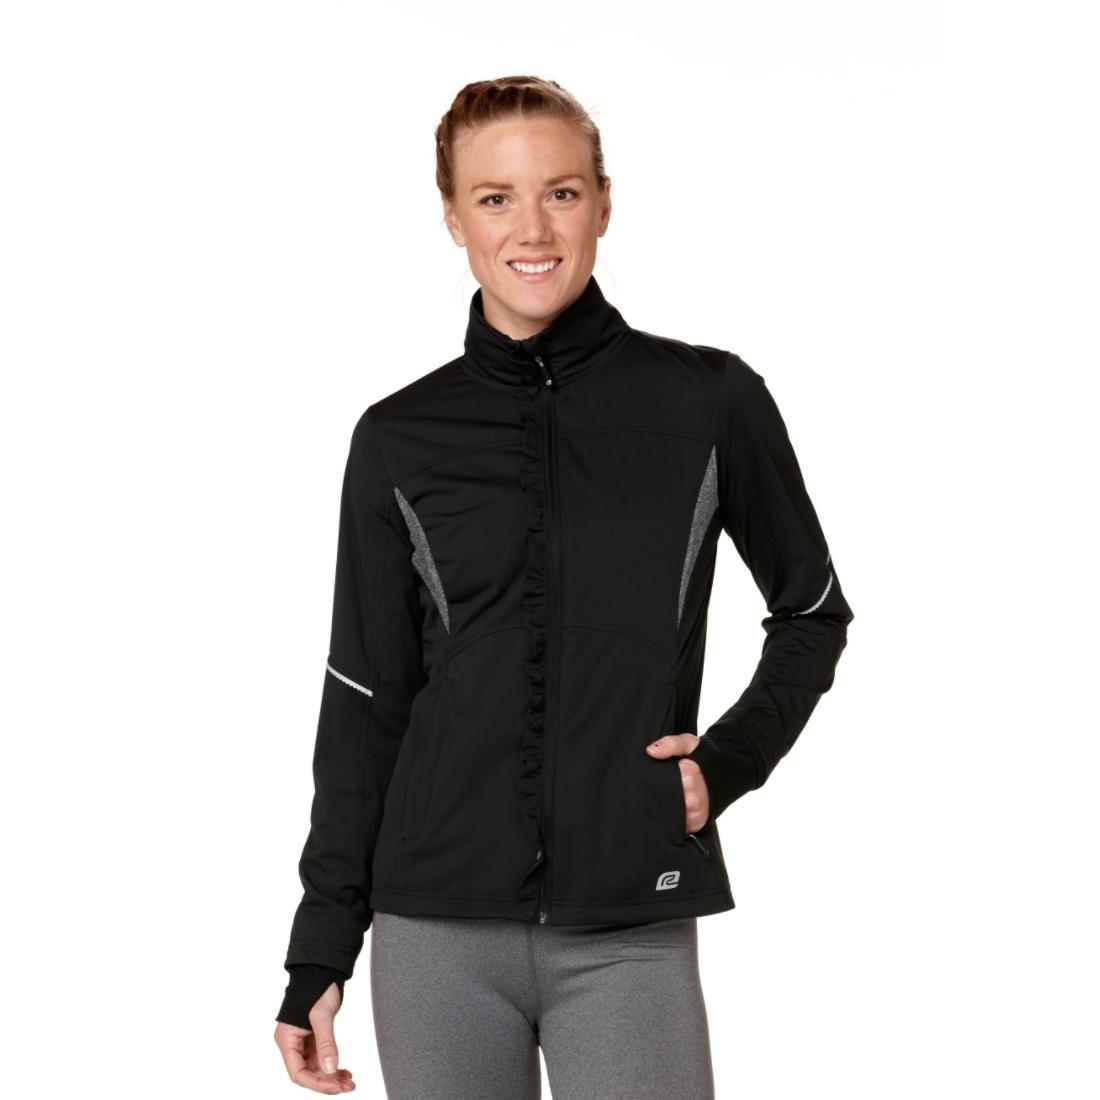 Road Runner Sports R-Gear Womens Blown Away Jacket, Black/Black, XS by Road Runner Sports